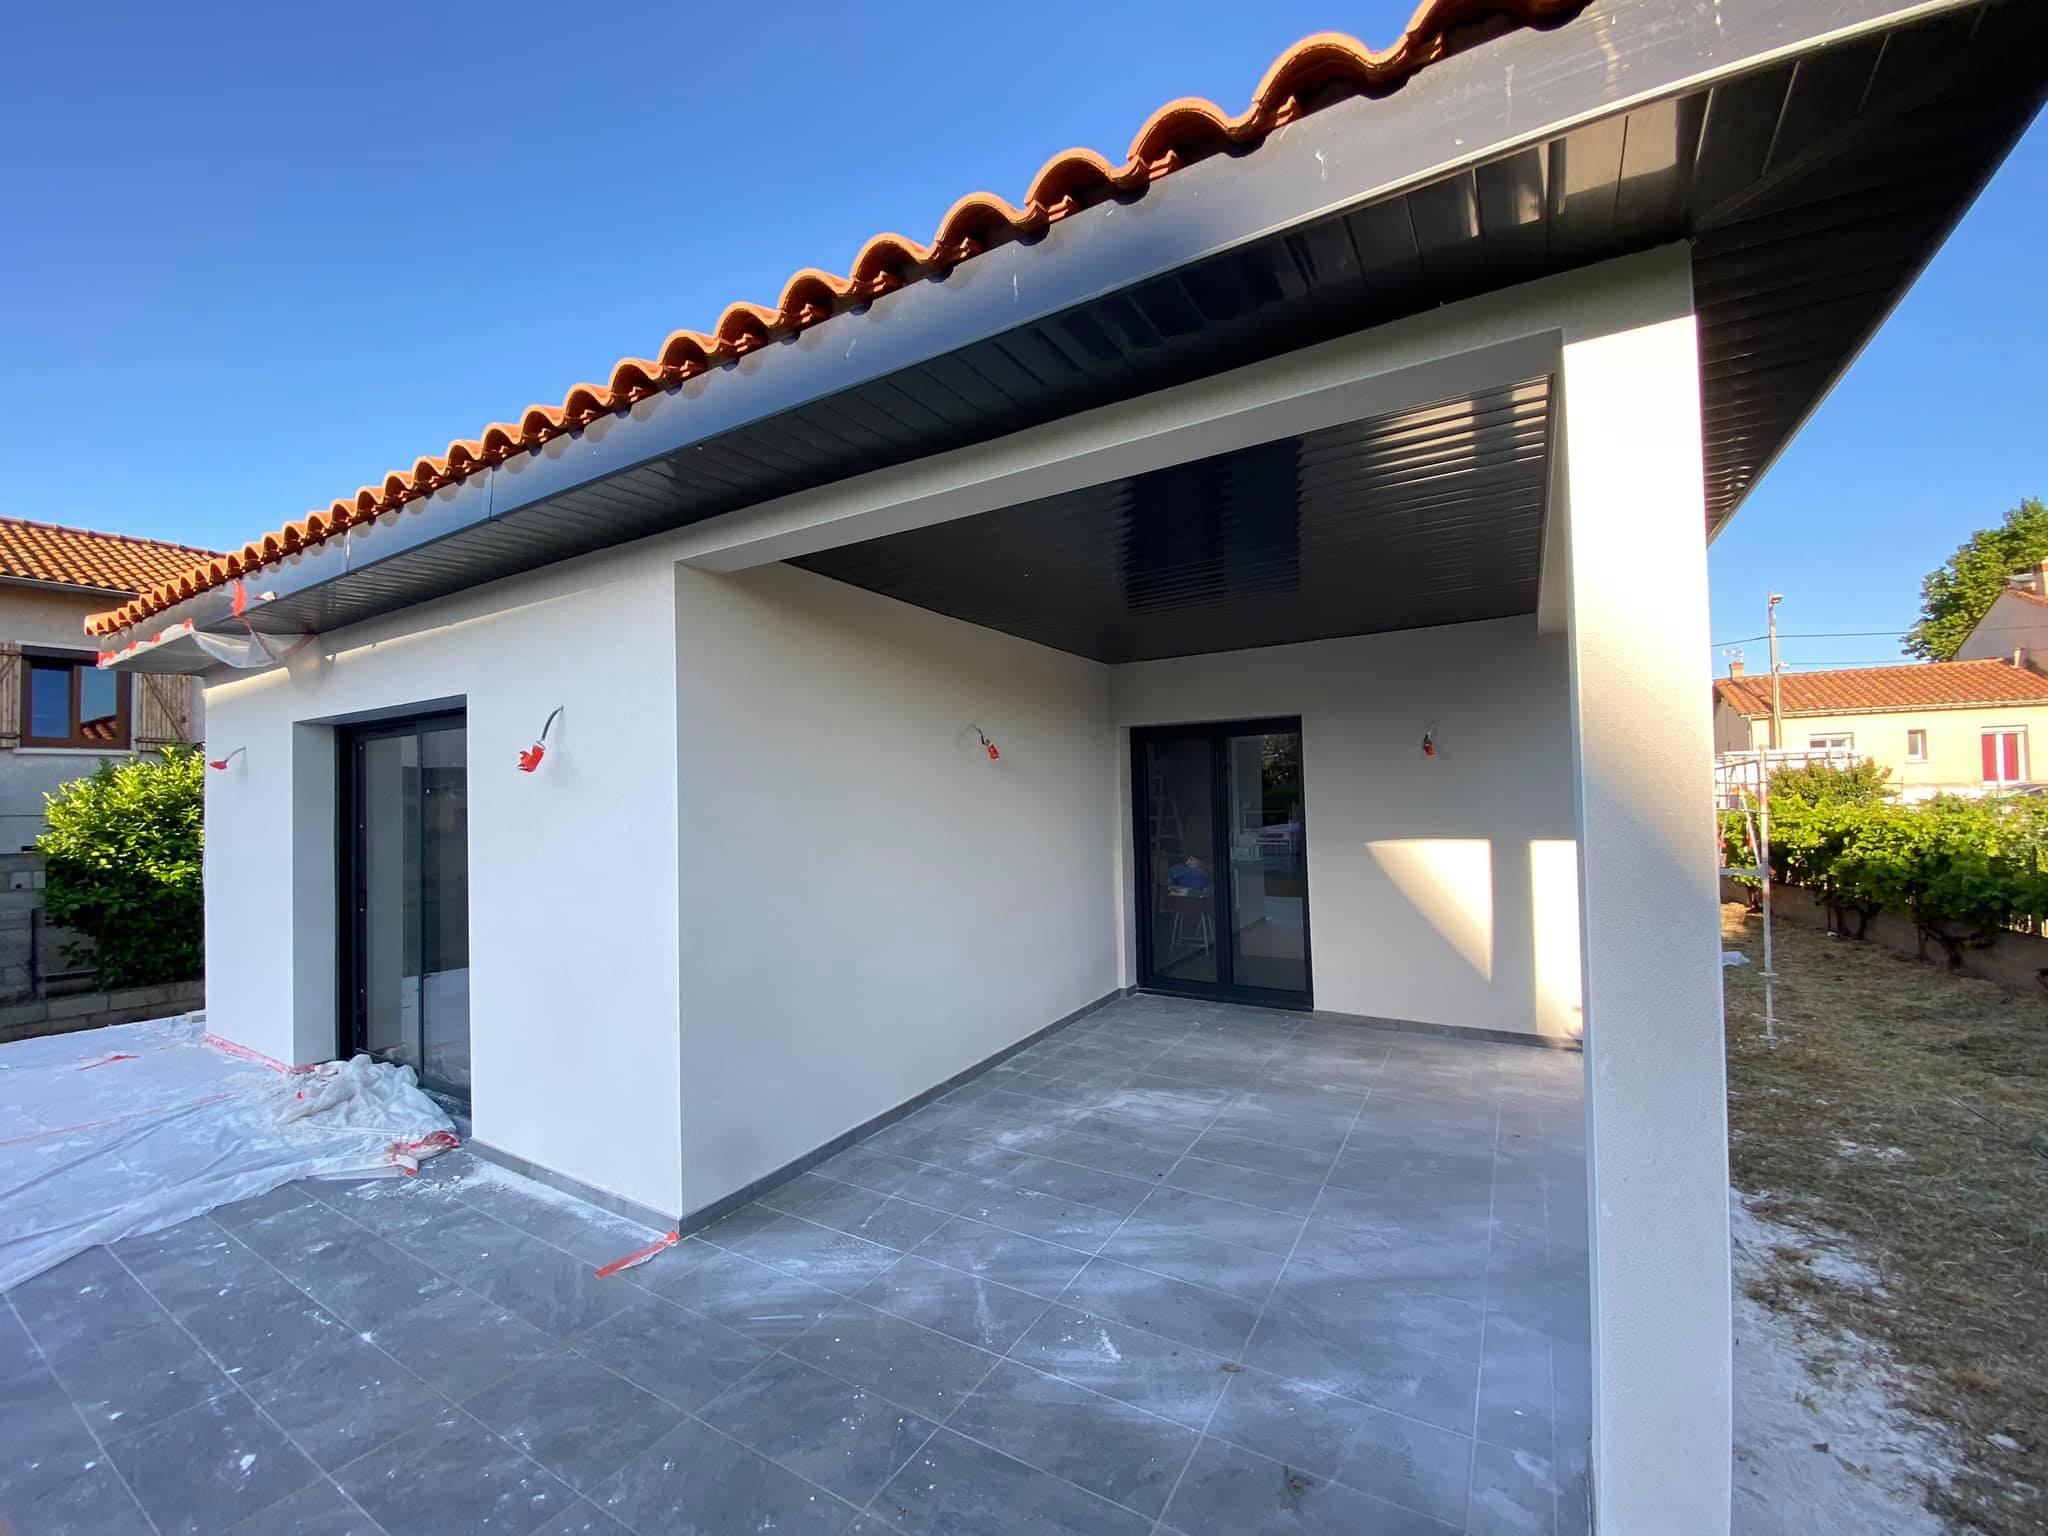 100102112 1547516382073537 1171421560838291456 n • DDR • Constructeur de maison Perpignan - Pyrénées-Orientales et Aude